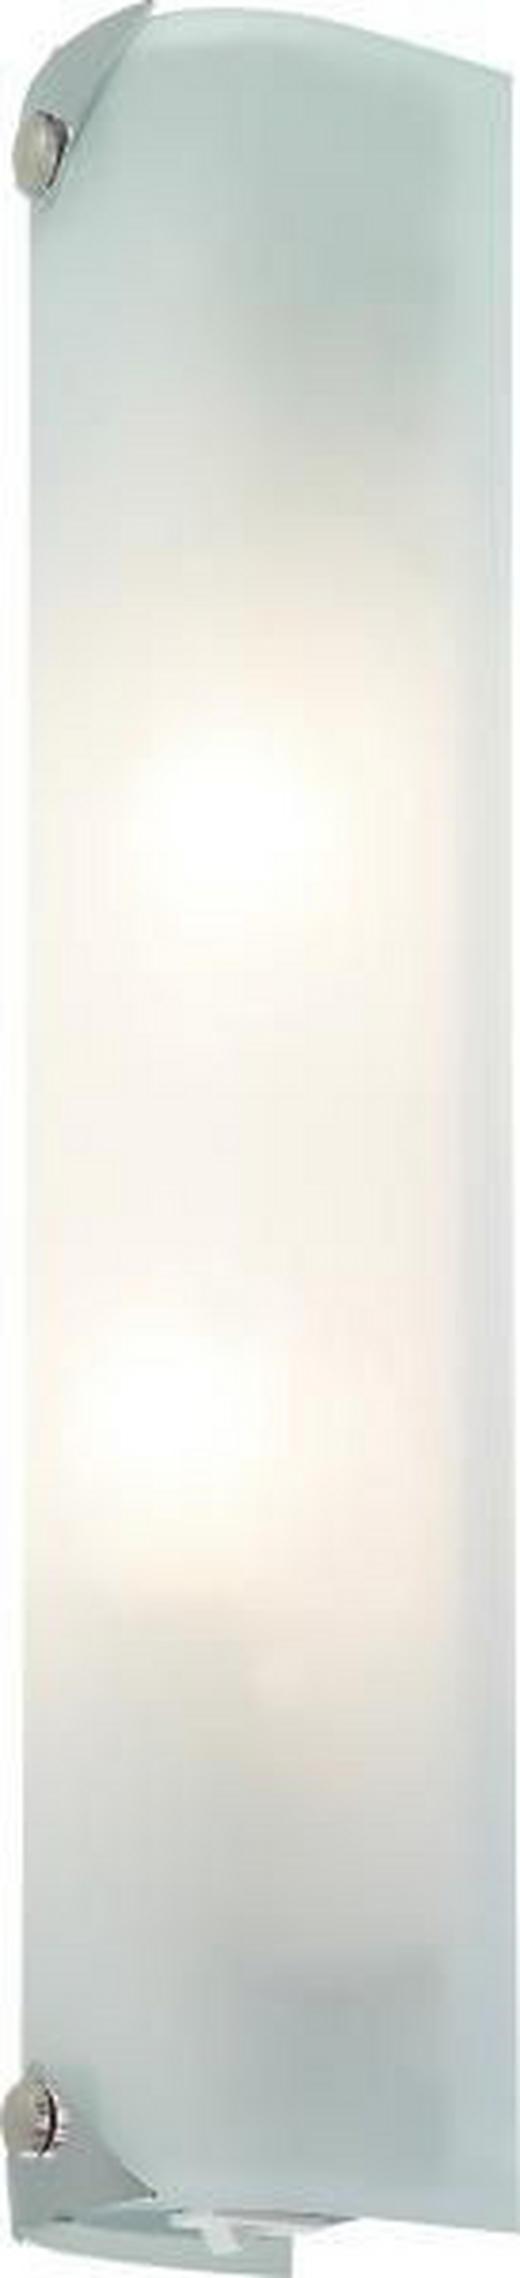 BADEZIMMER-WANDLEUCHTE - Chromfarben/Weiß, LIFESTYLE, Metall (35cm)